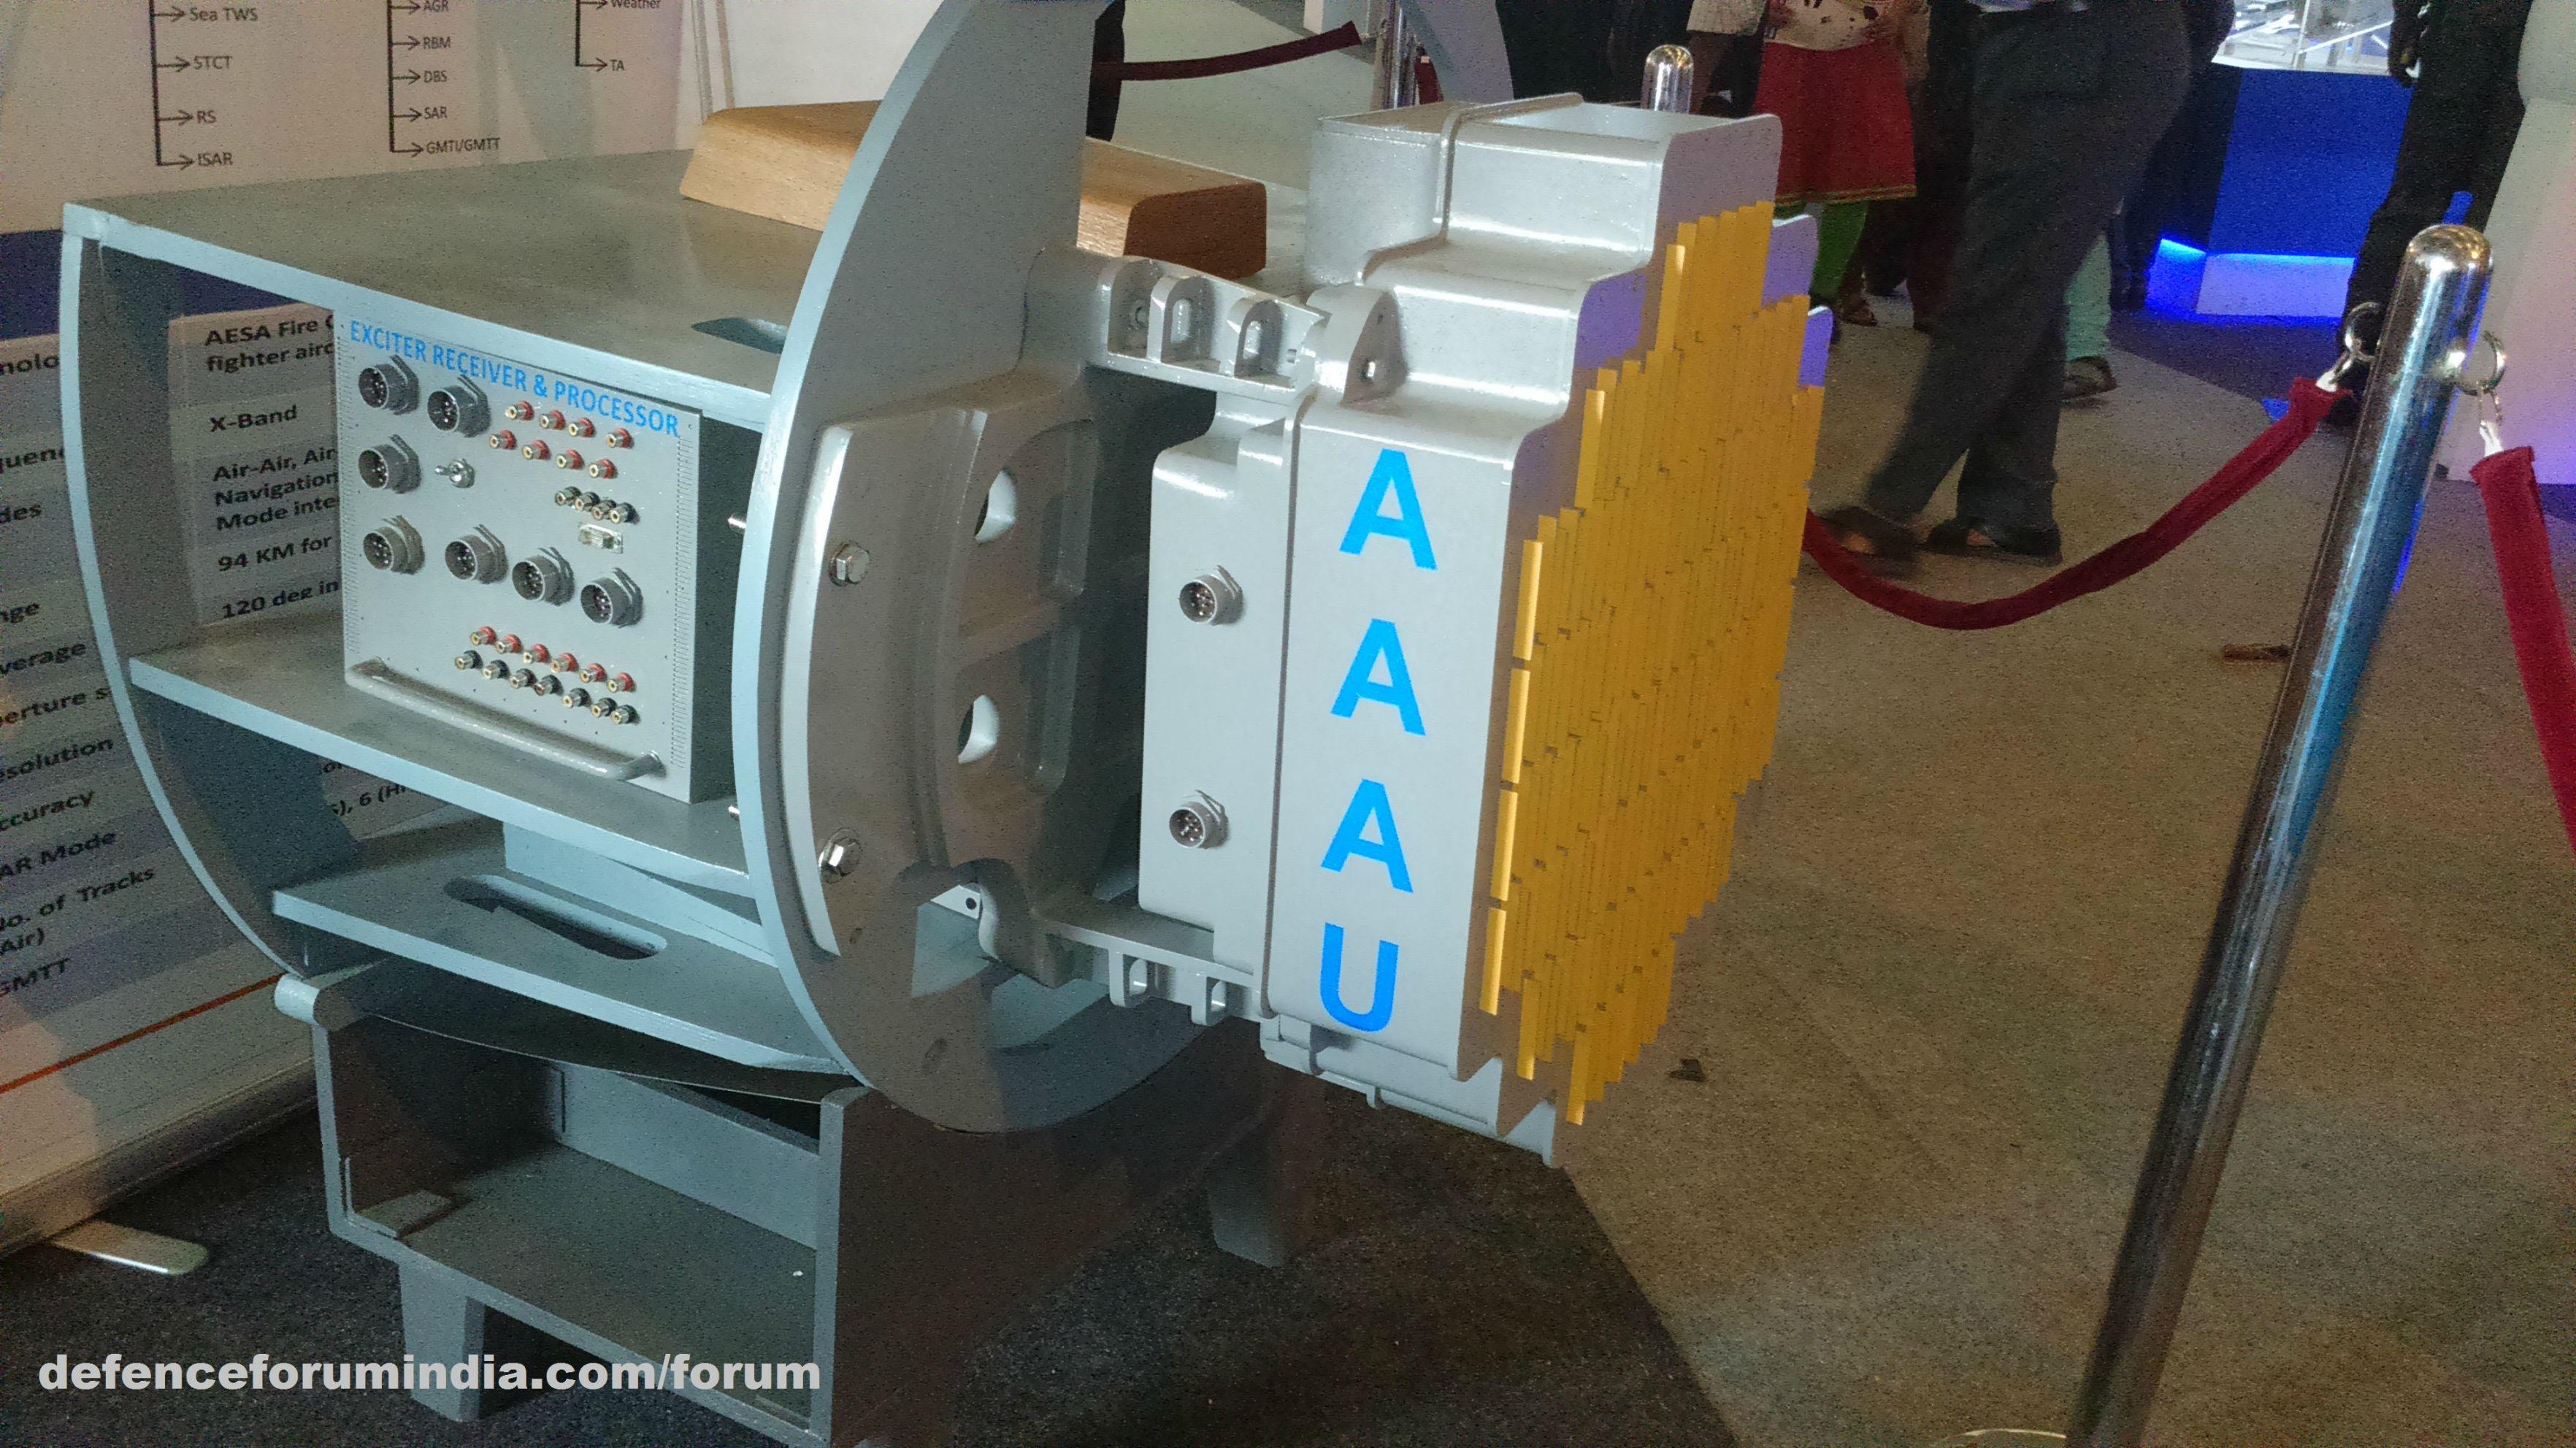 Опытный образец бортовой РЛС с активной ФАР Uttam, предназначенной для оснащения легких боевых самолетов LCA Tejas.